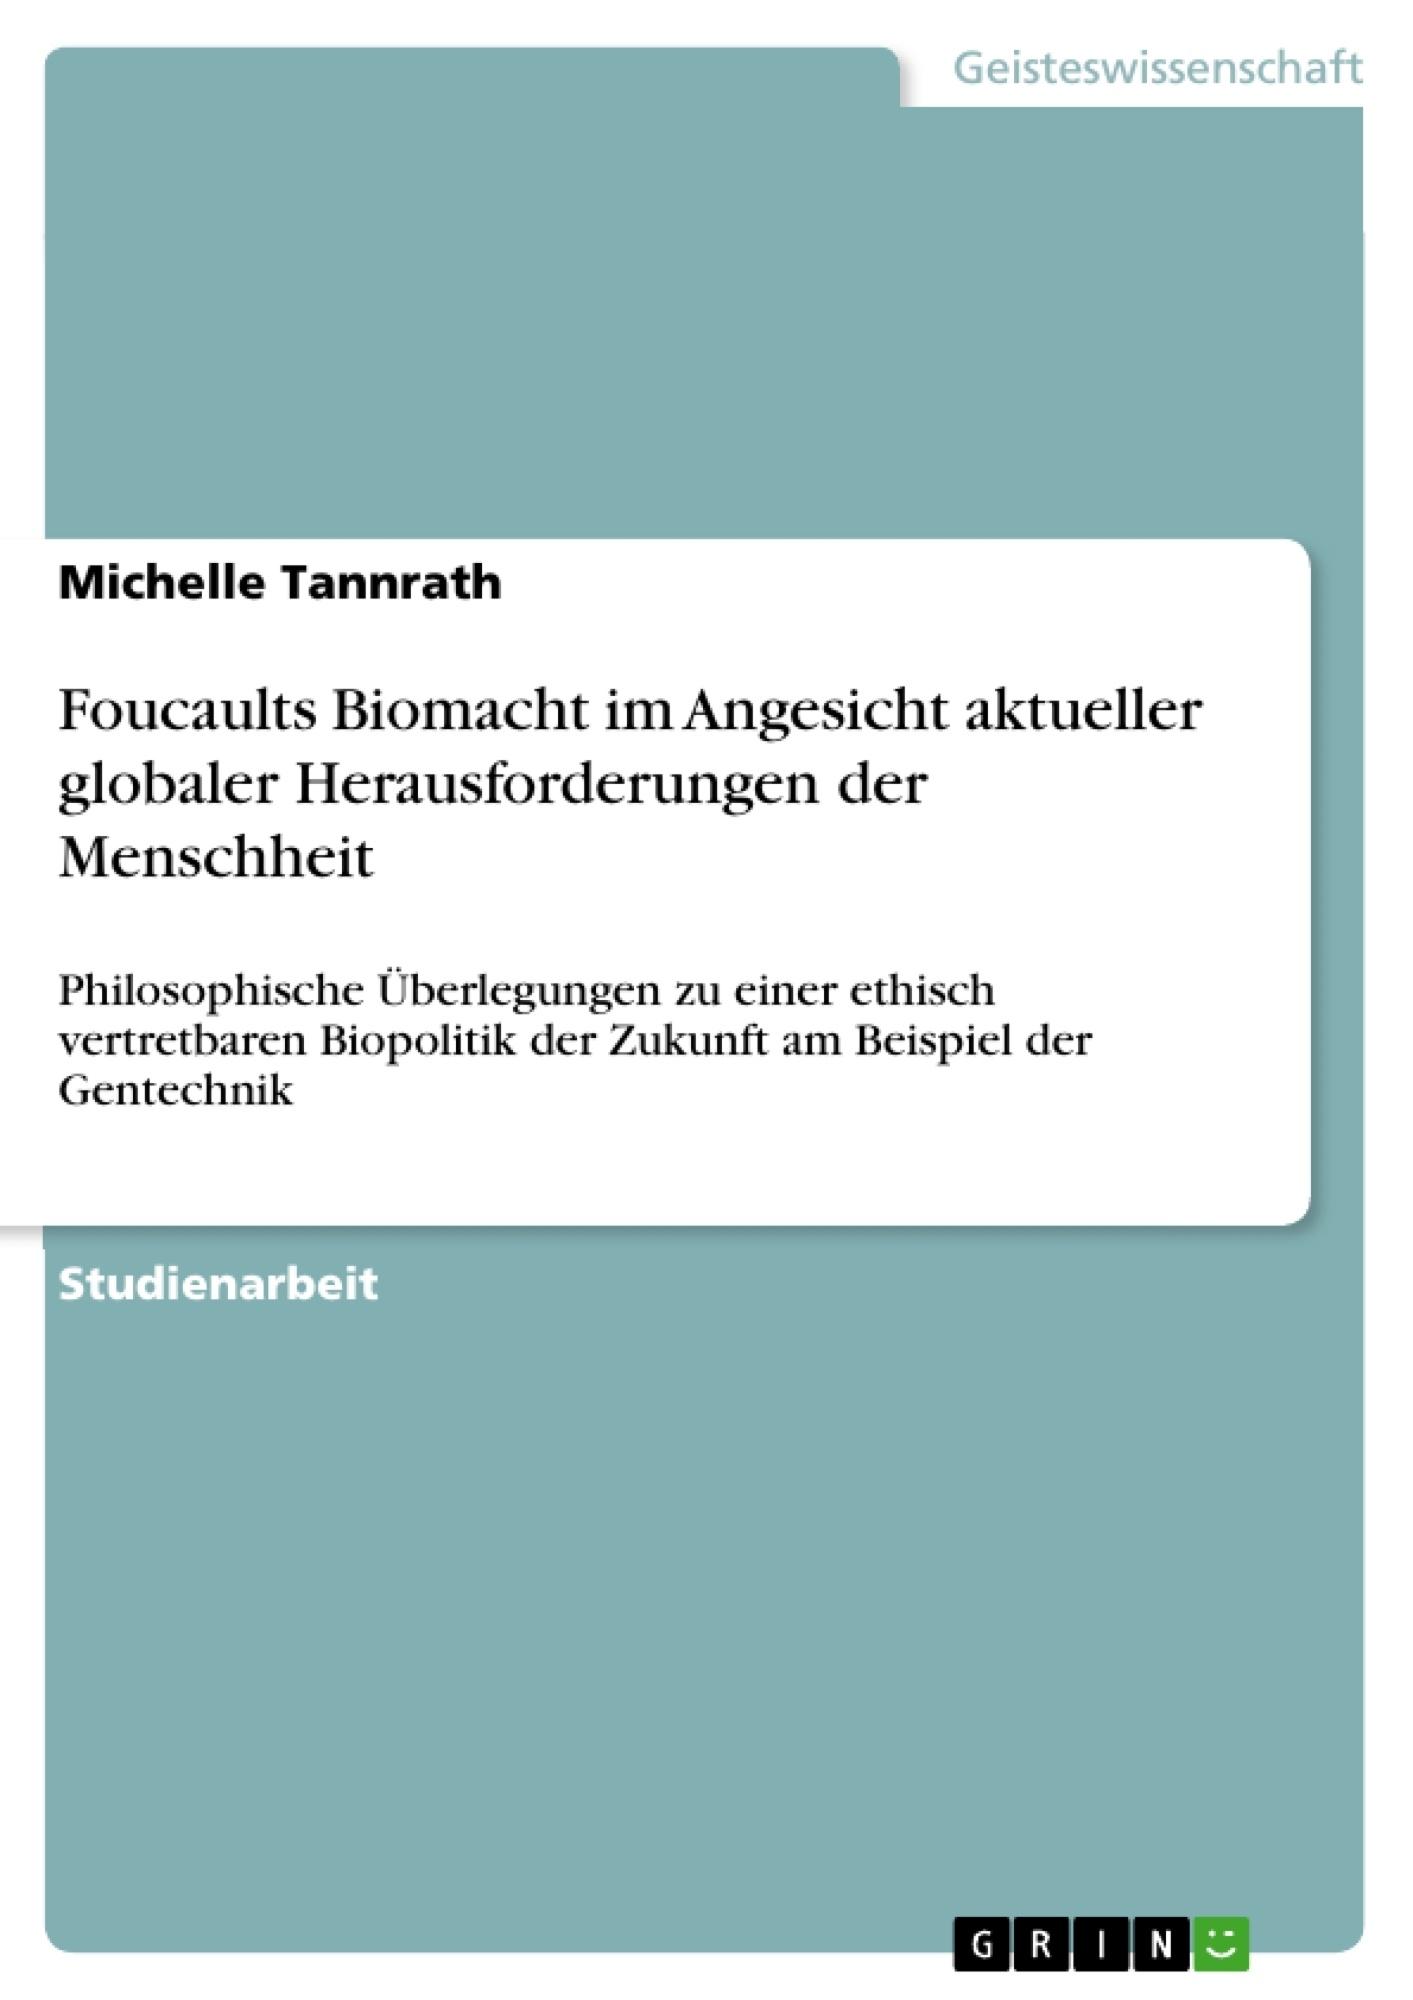 Titel: Foucaults Biomacht im Angesicht aktueller globaler Herausforderungen der Menschheit